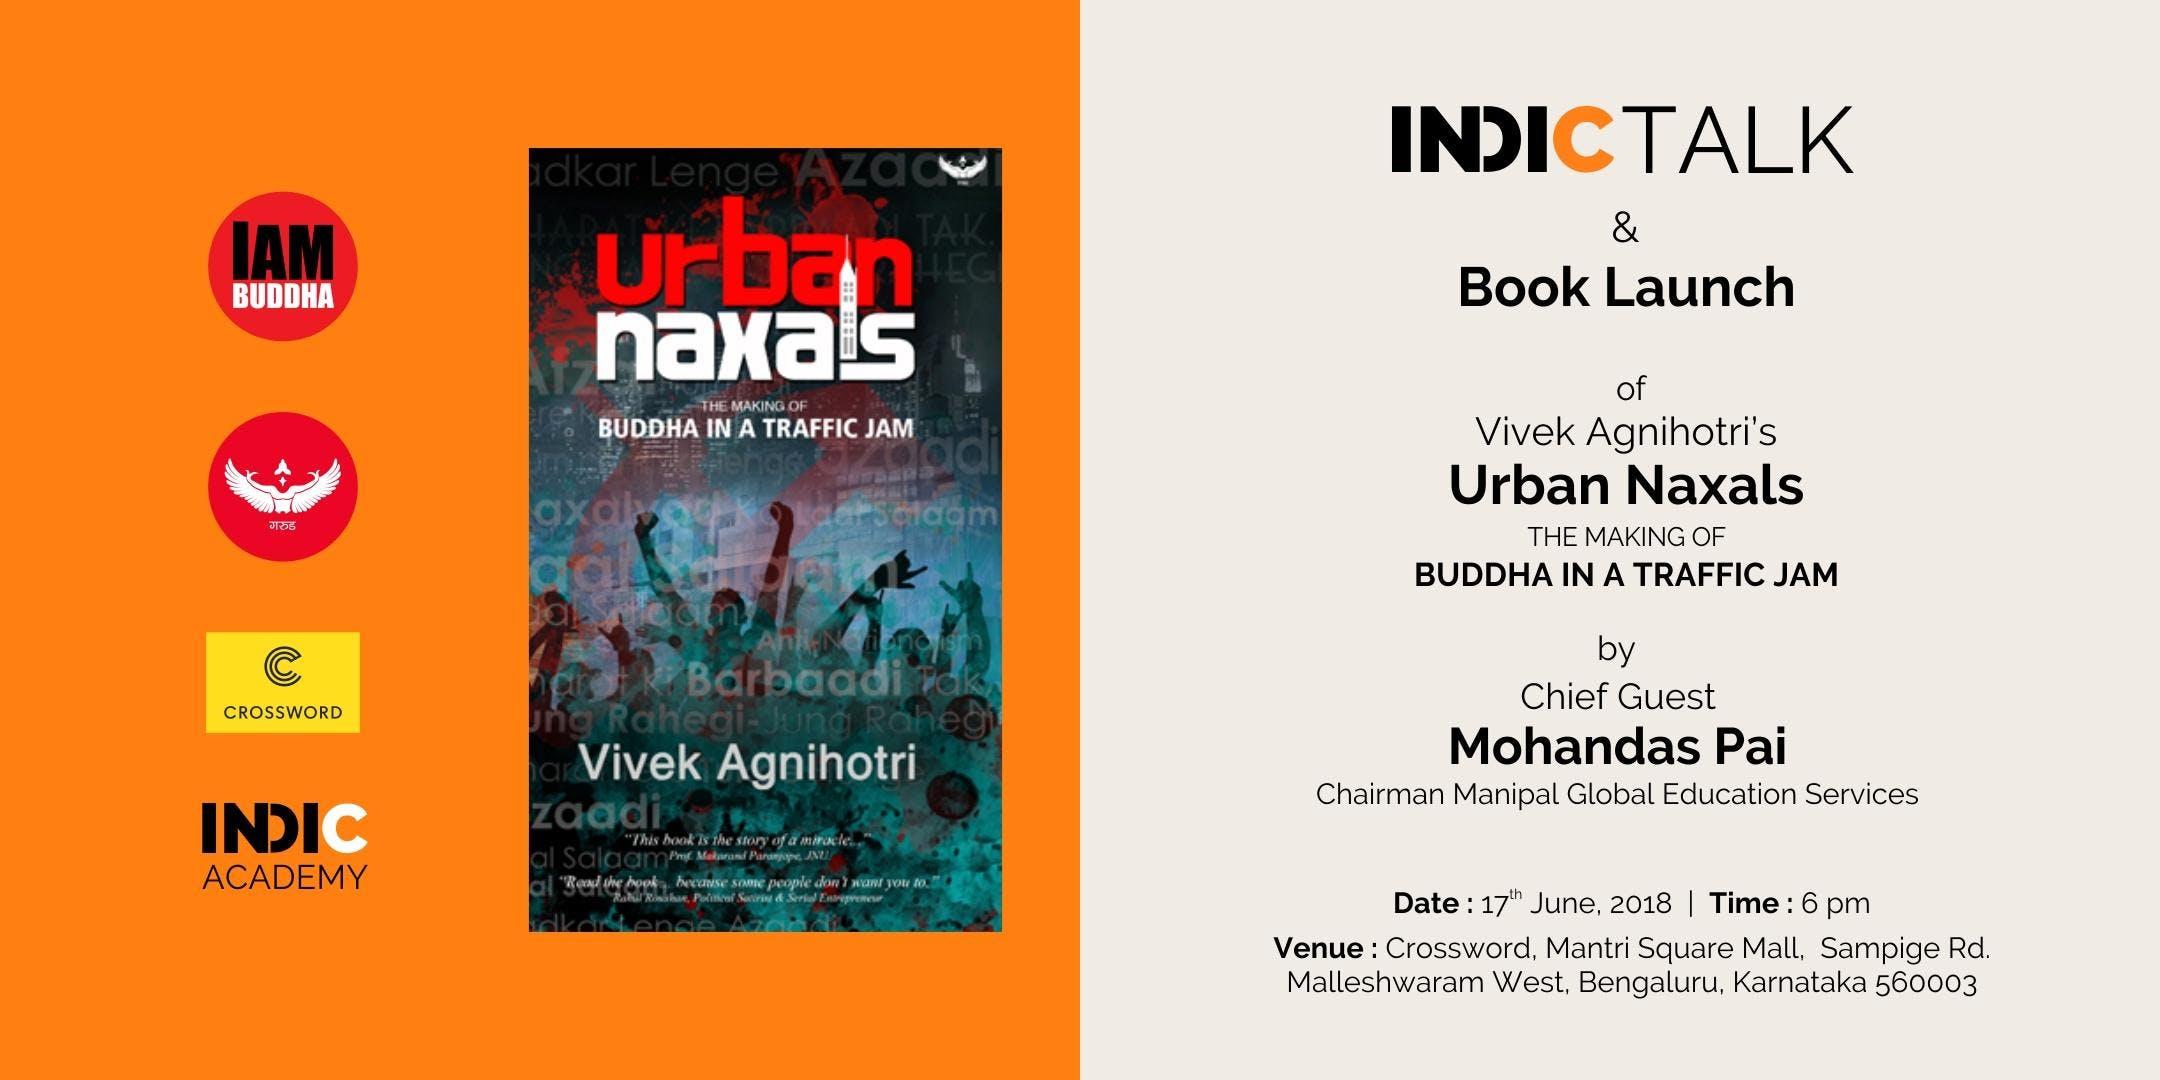 Book Launch Urban Naxals by Vivek Agnihotri